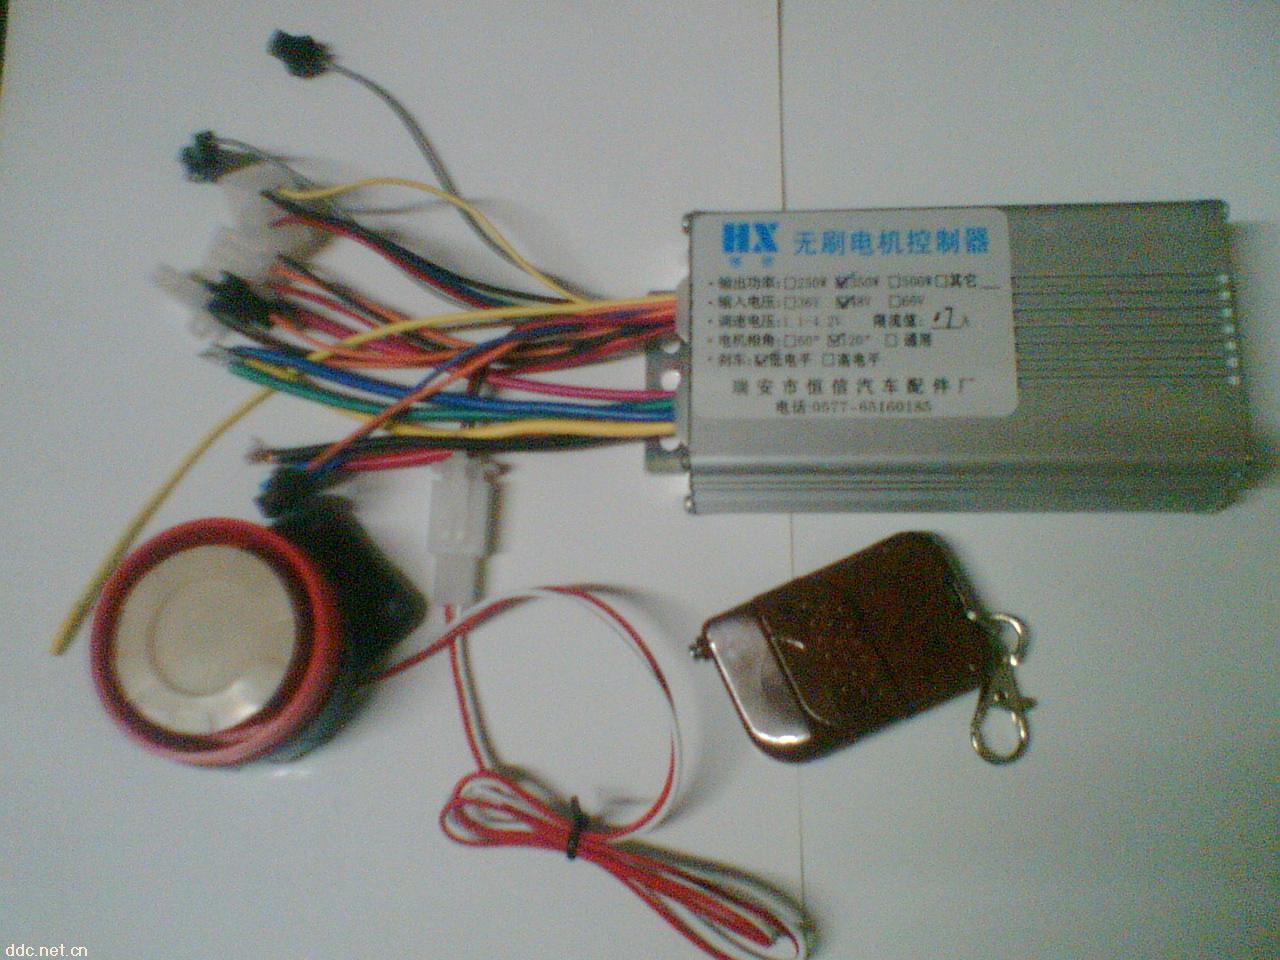 恒信遥控防盗智能型无刷电动车控制器是我公司研究开发的新型电动车控制器,除具备普通控制器所有功能外,最主要是具有:1,遥控防盗报警功能,当有人推车时高分贝喇叭立即报警,控制器自动将电机锁死使车子根本无法推行。2,柔性EABS刹车功能,完全不损伤电机,减少机械刹车的压力,避免了机械刹车将车子刹死,大大提高了车子行驶安全。